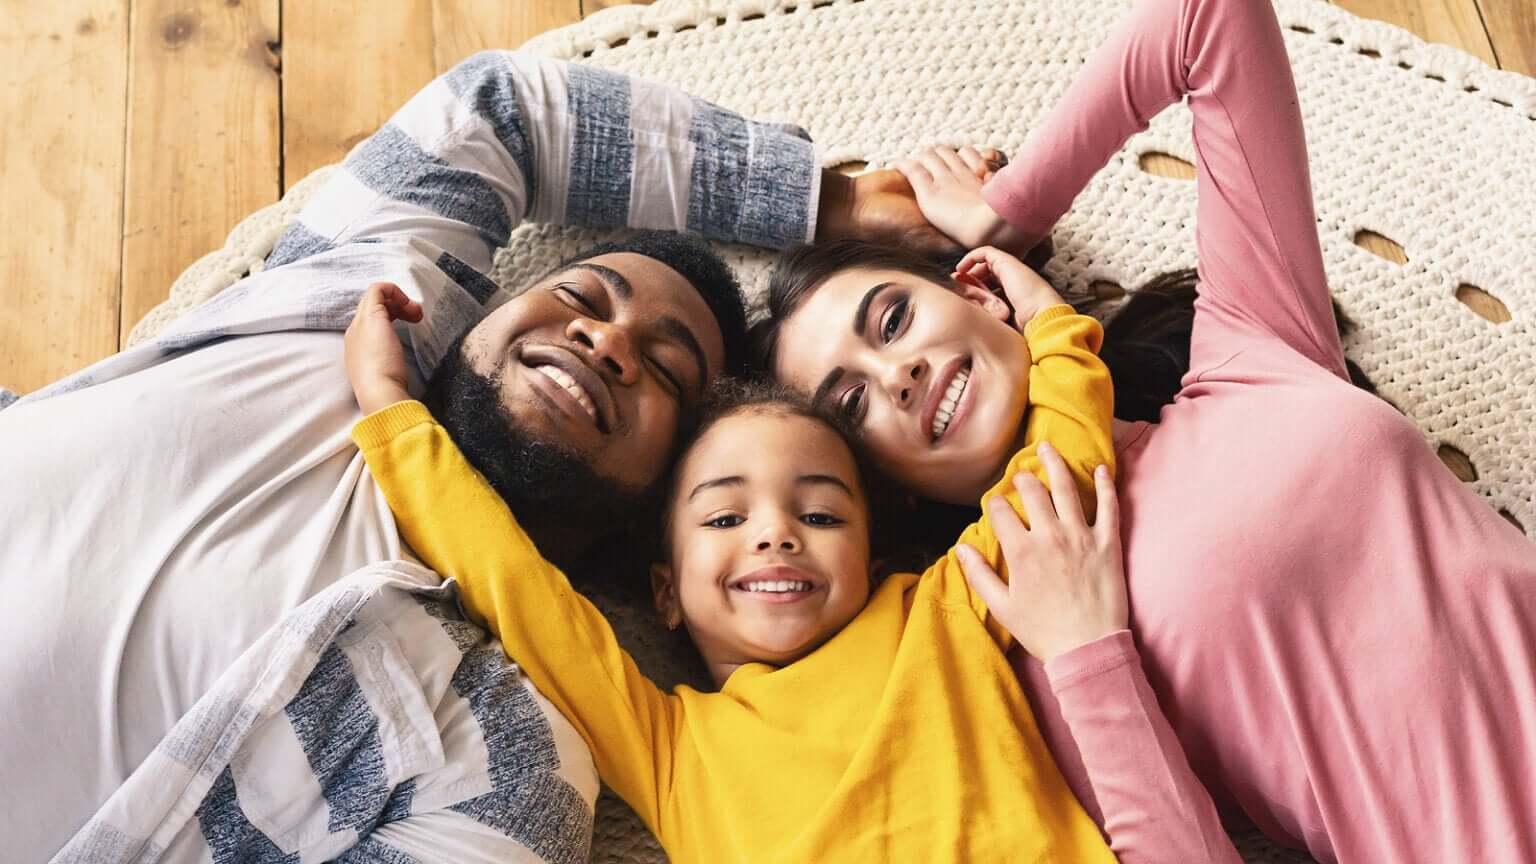 Familia unida tumbada en el suelo.